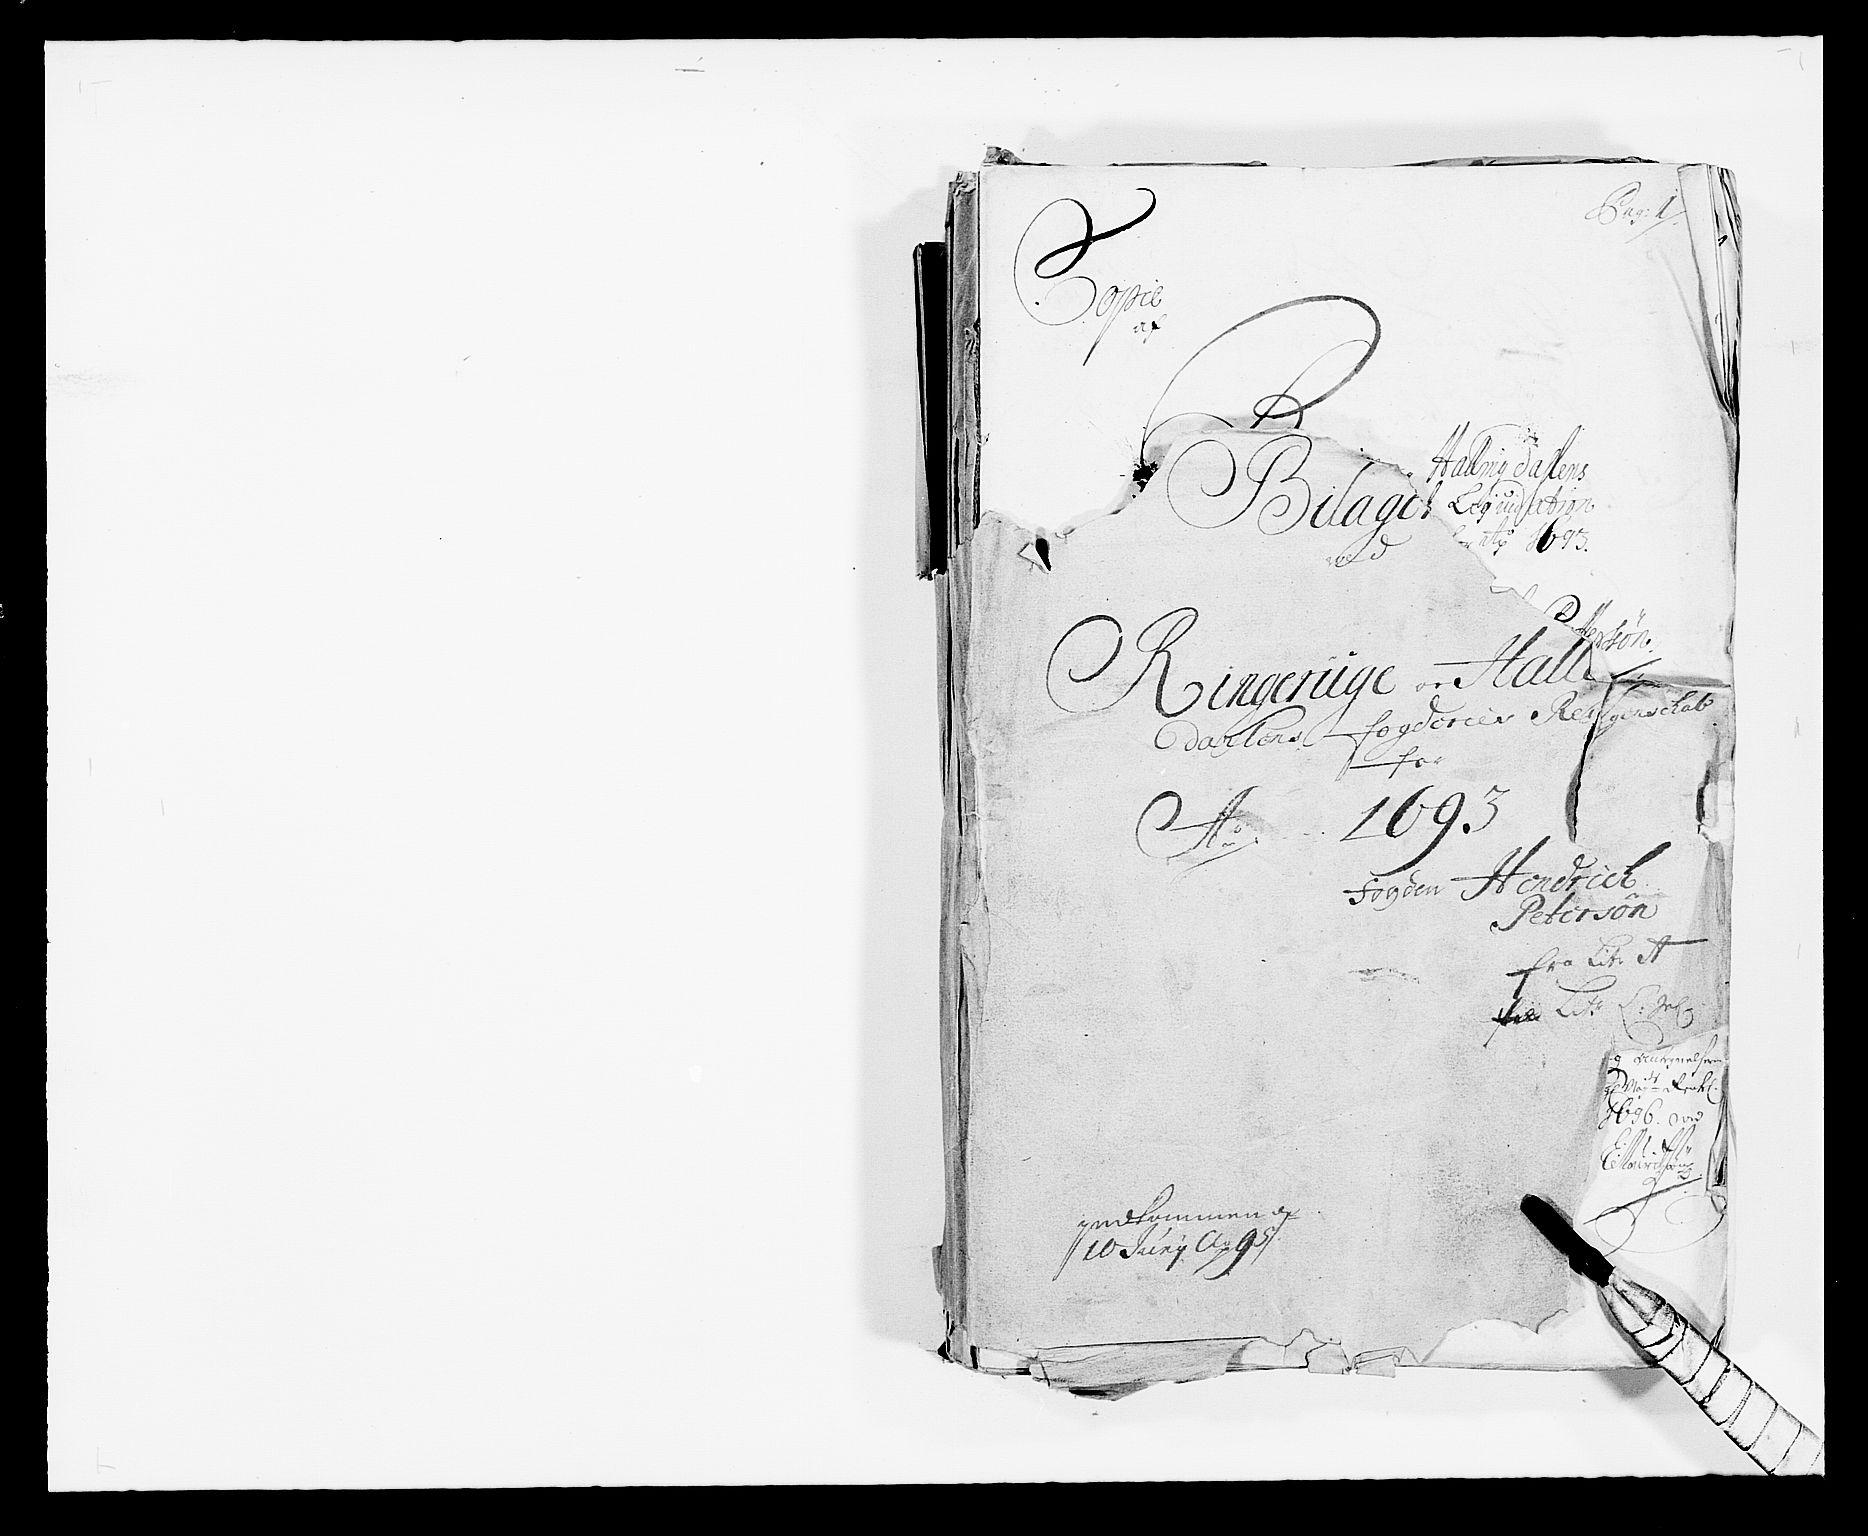 RA, Rentekammeret inntil 1814, Reviderte regnskaper, Fogderegnskap, R21/L1450: Fogderegnskap Ringerike og Hallingdal, 1693, s. 1